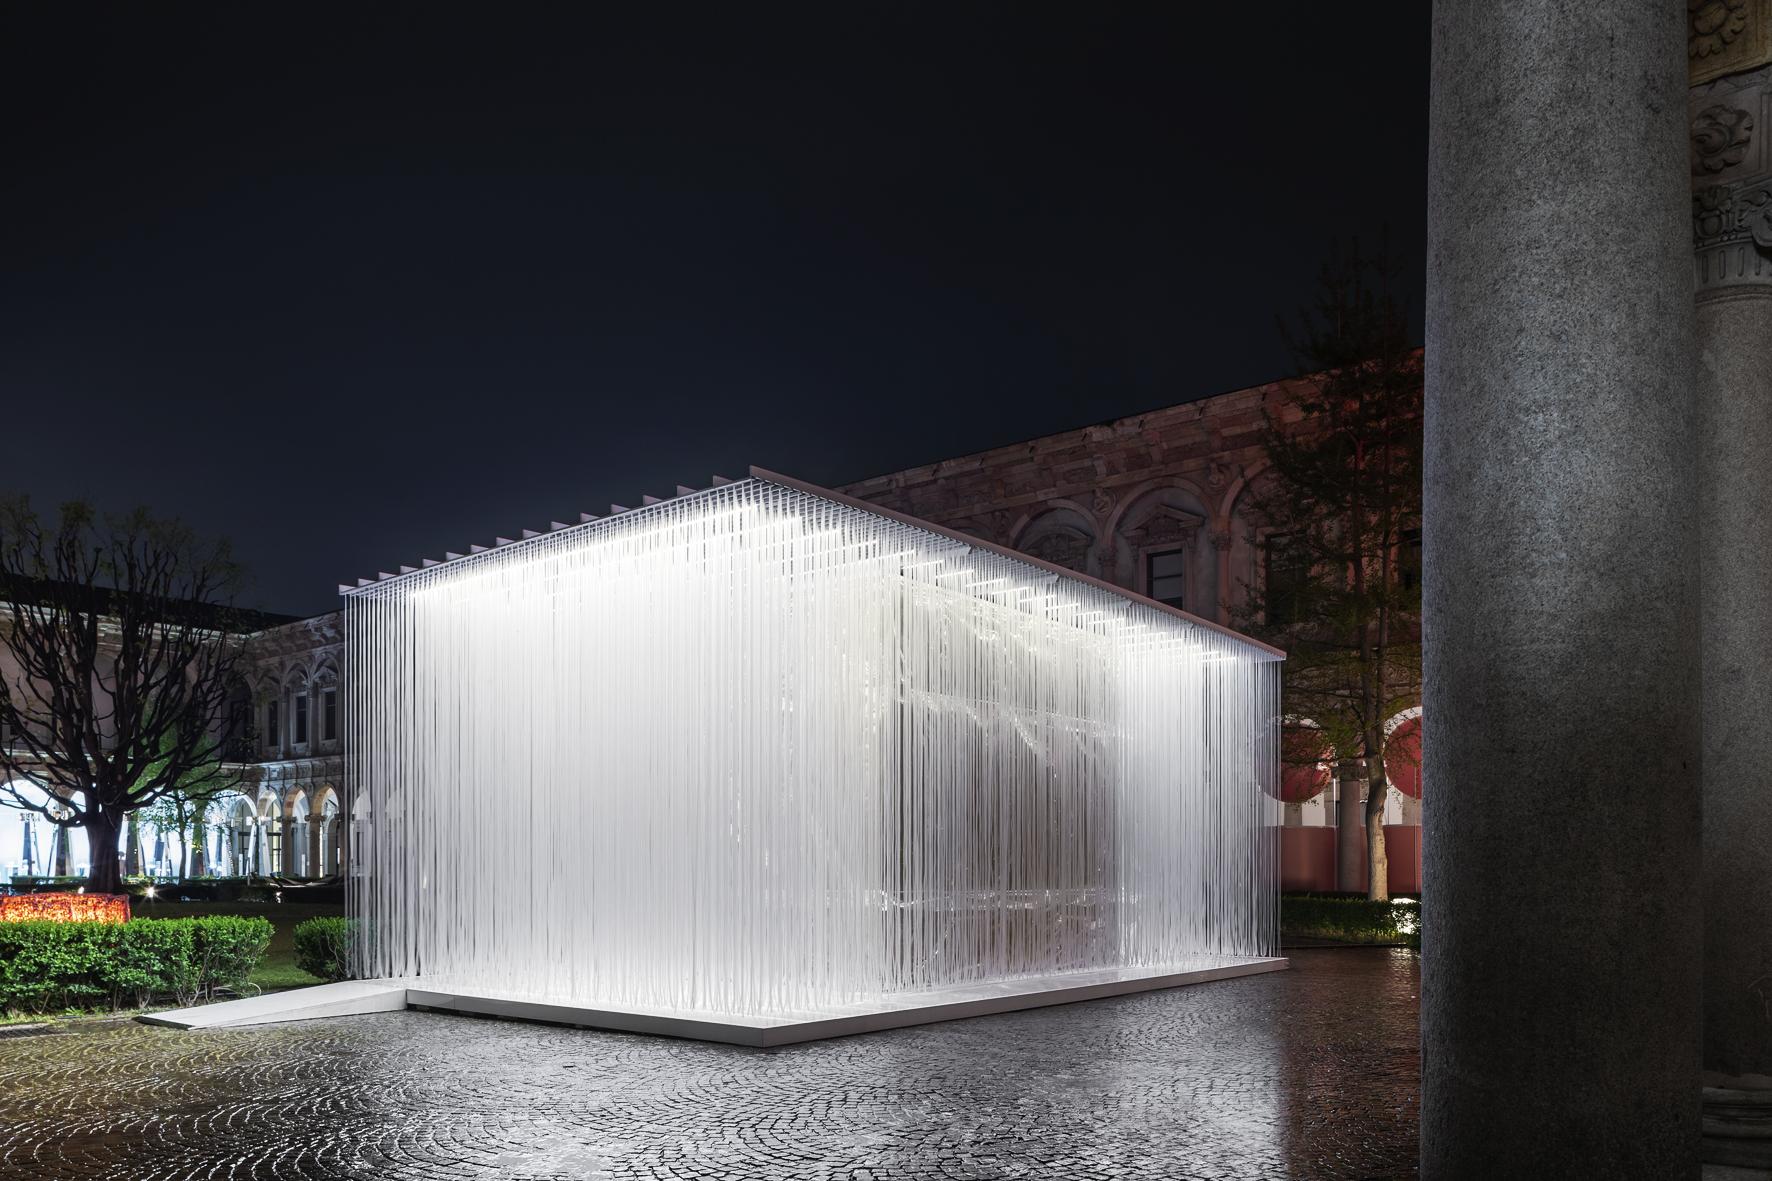 La innovación de Whirlpool, en la prestigiosa feria de diseño Fuorisalone 2019 de Milán